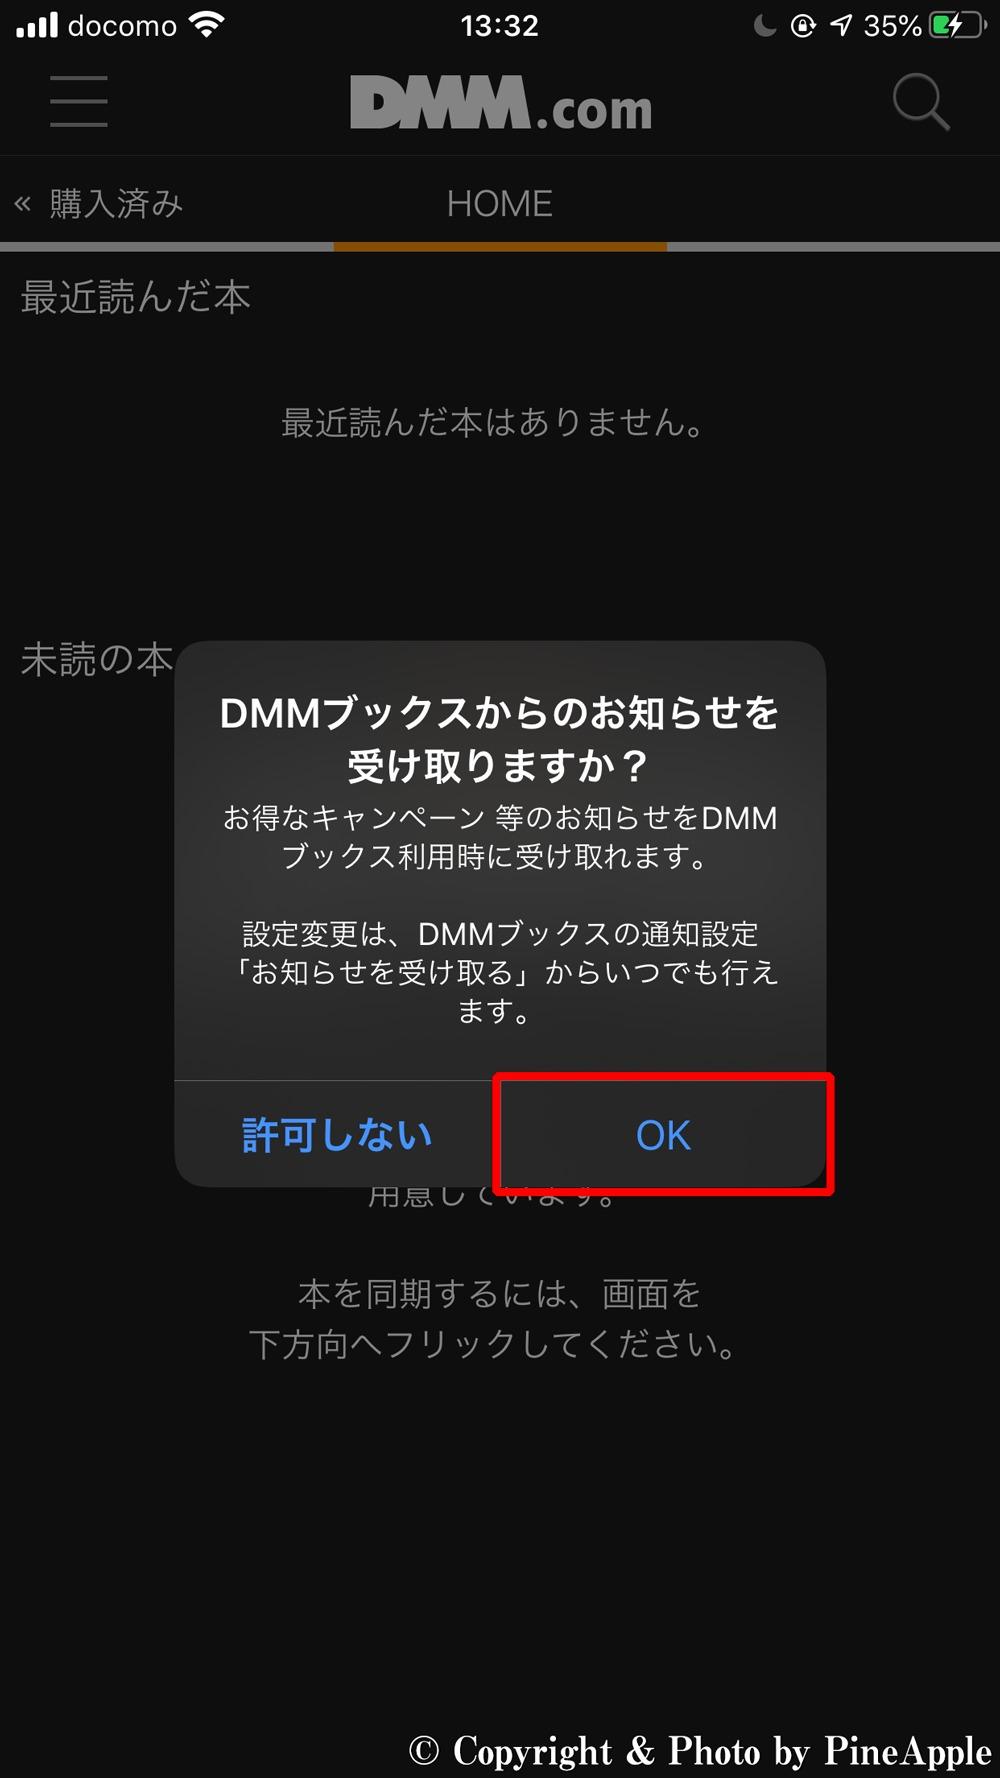 DMM ブックス:「DMM ブックスからのお知らせを受け取りますか?」